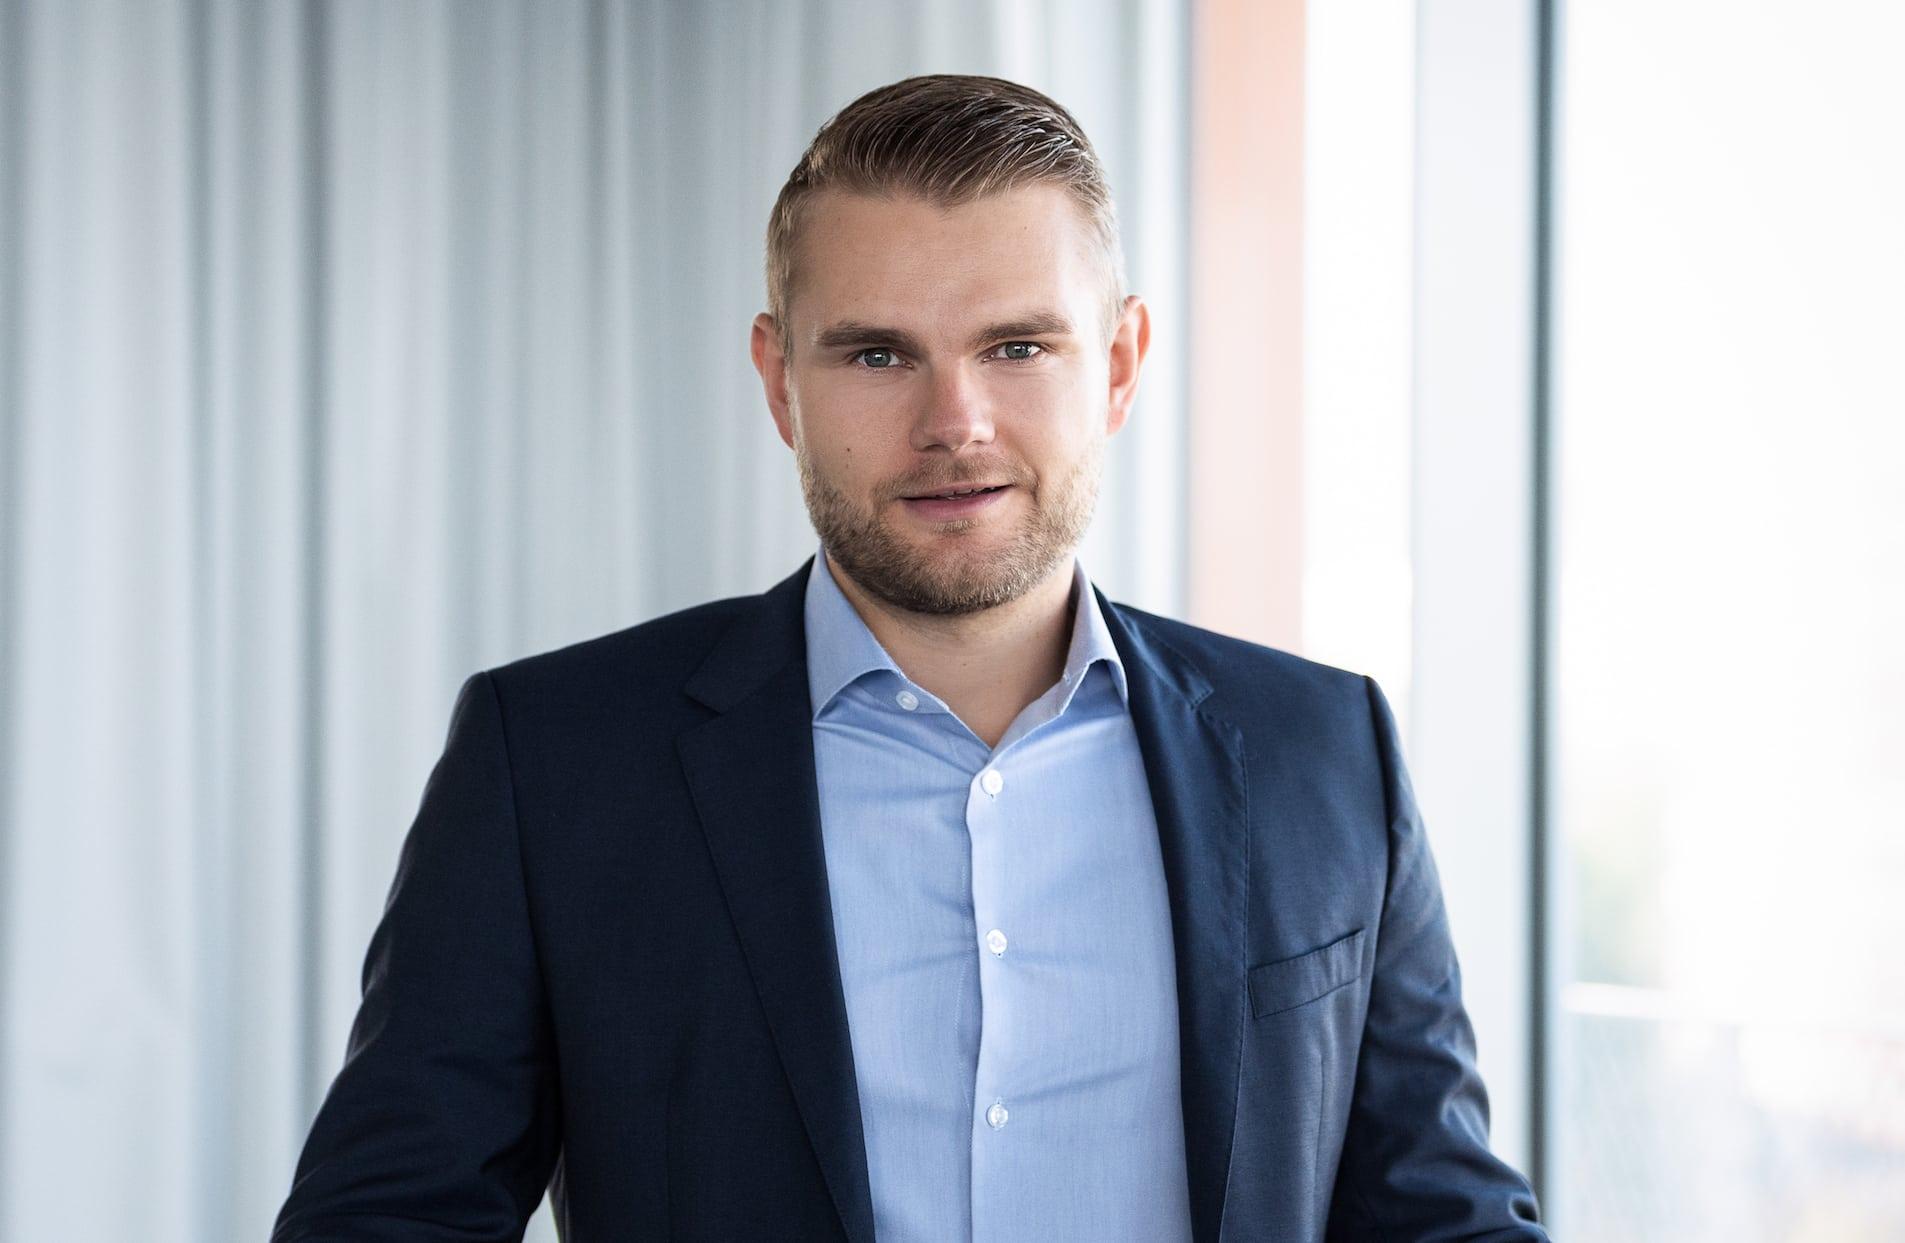 Philipp Riedel Avantgarde Experts Michael Asshauer Machen! Podcast Interview Kuenstliche Intelligenz Recruiting